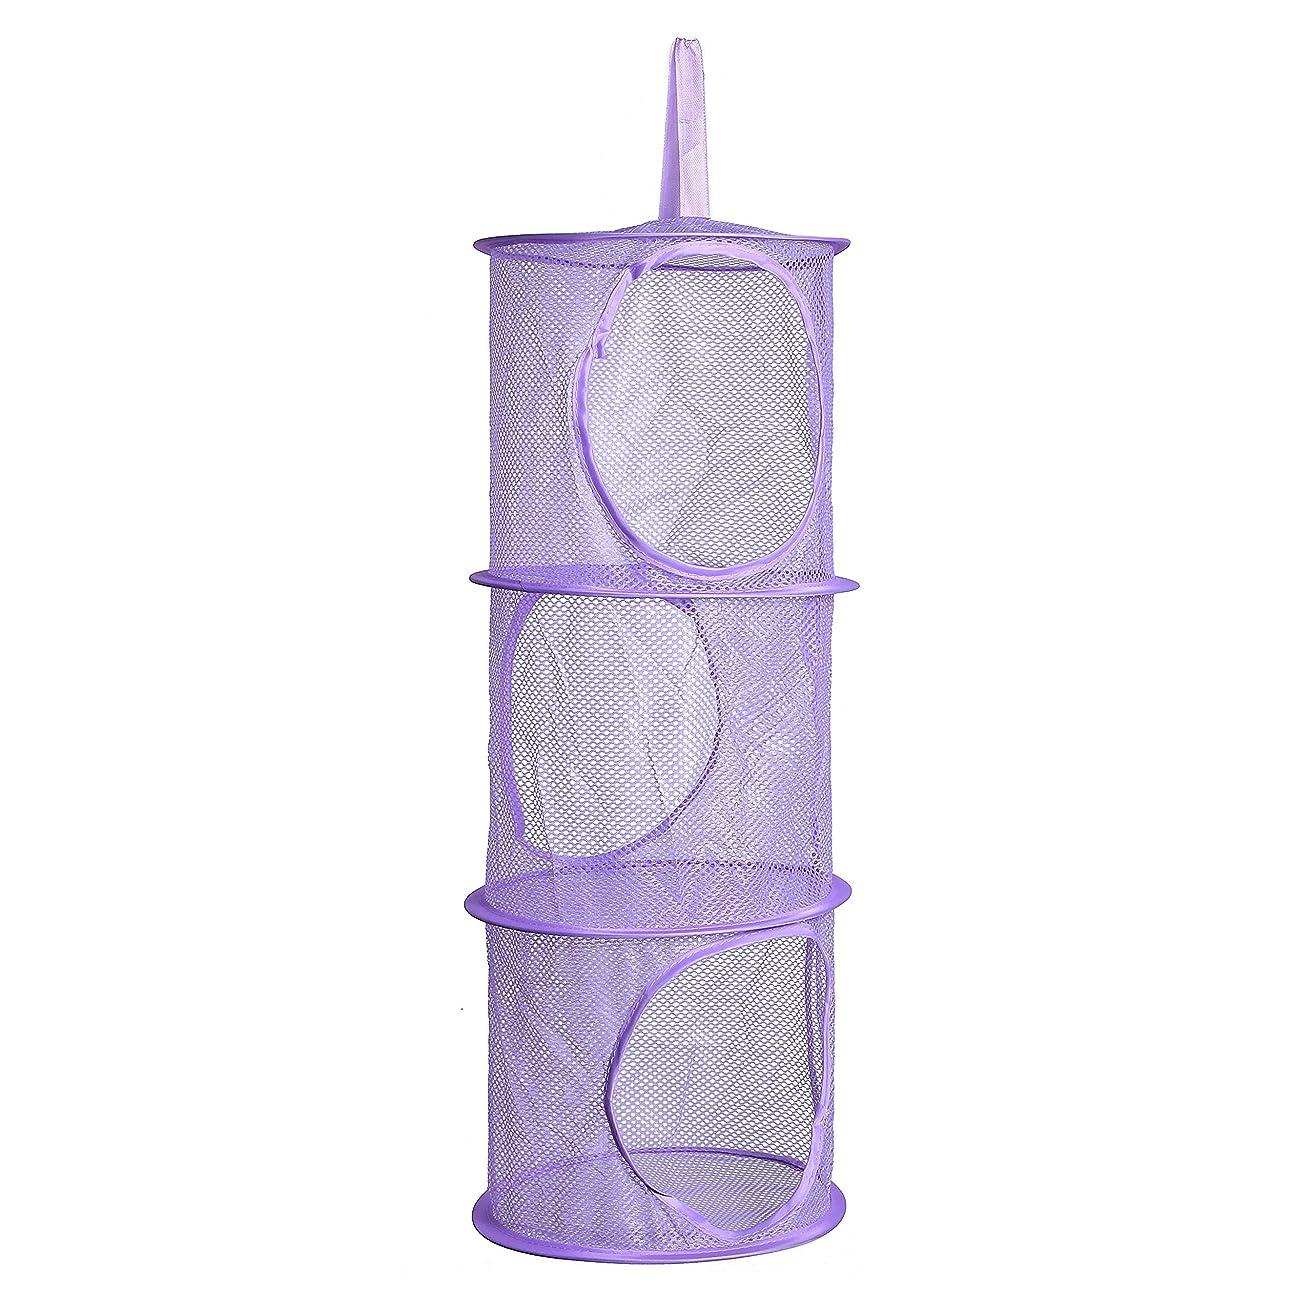 アジア人スモッグ画家3個セット 物干しネット 吊り下げ収納 折りたたみ式 おもちゃ 収納 バッグ ランドリー メッシュ 便利性 3段式 (パープル)